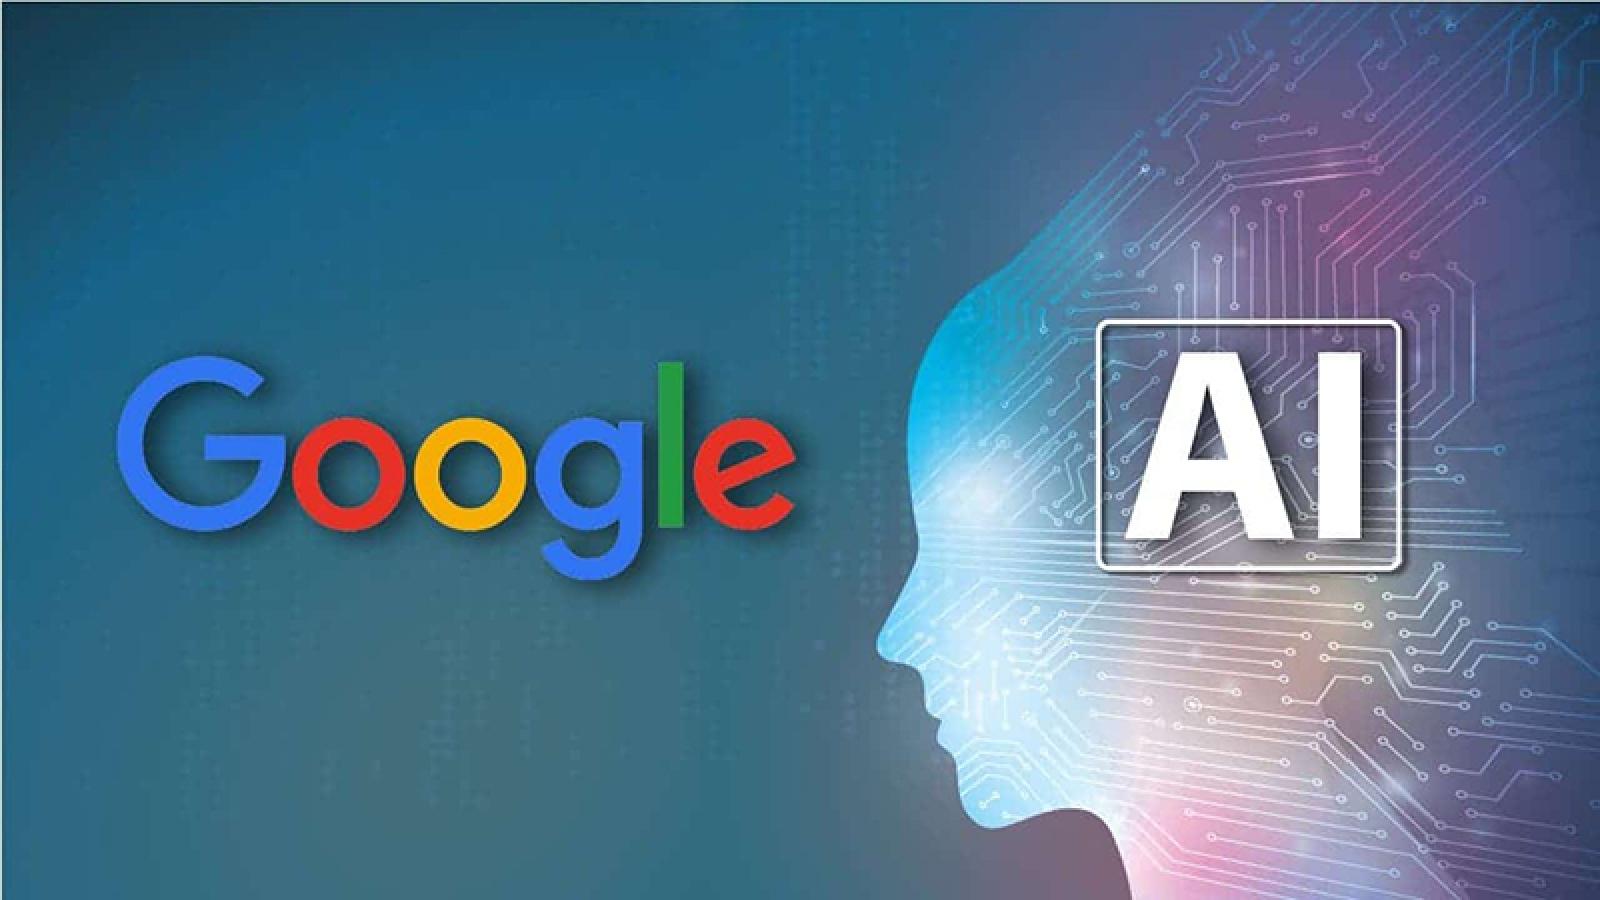 Trí tuệ nhân tạo Google thiết kế chip AI tốt hơn kỹ sư con người?